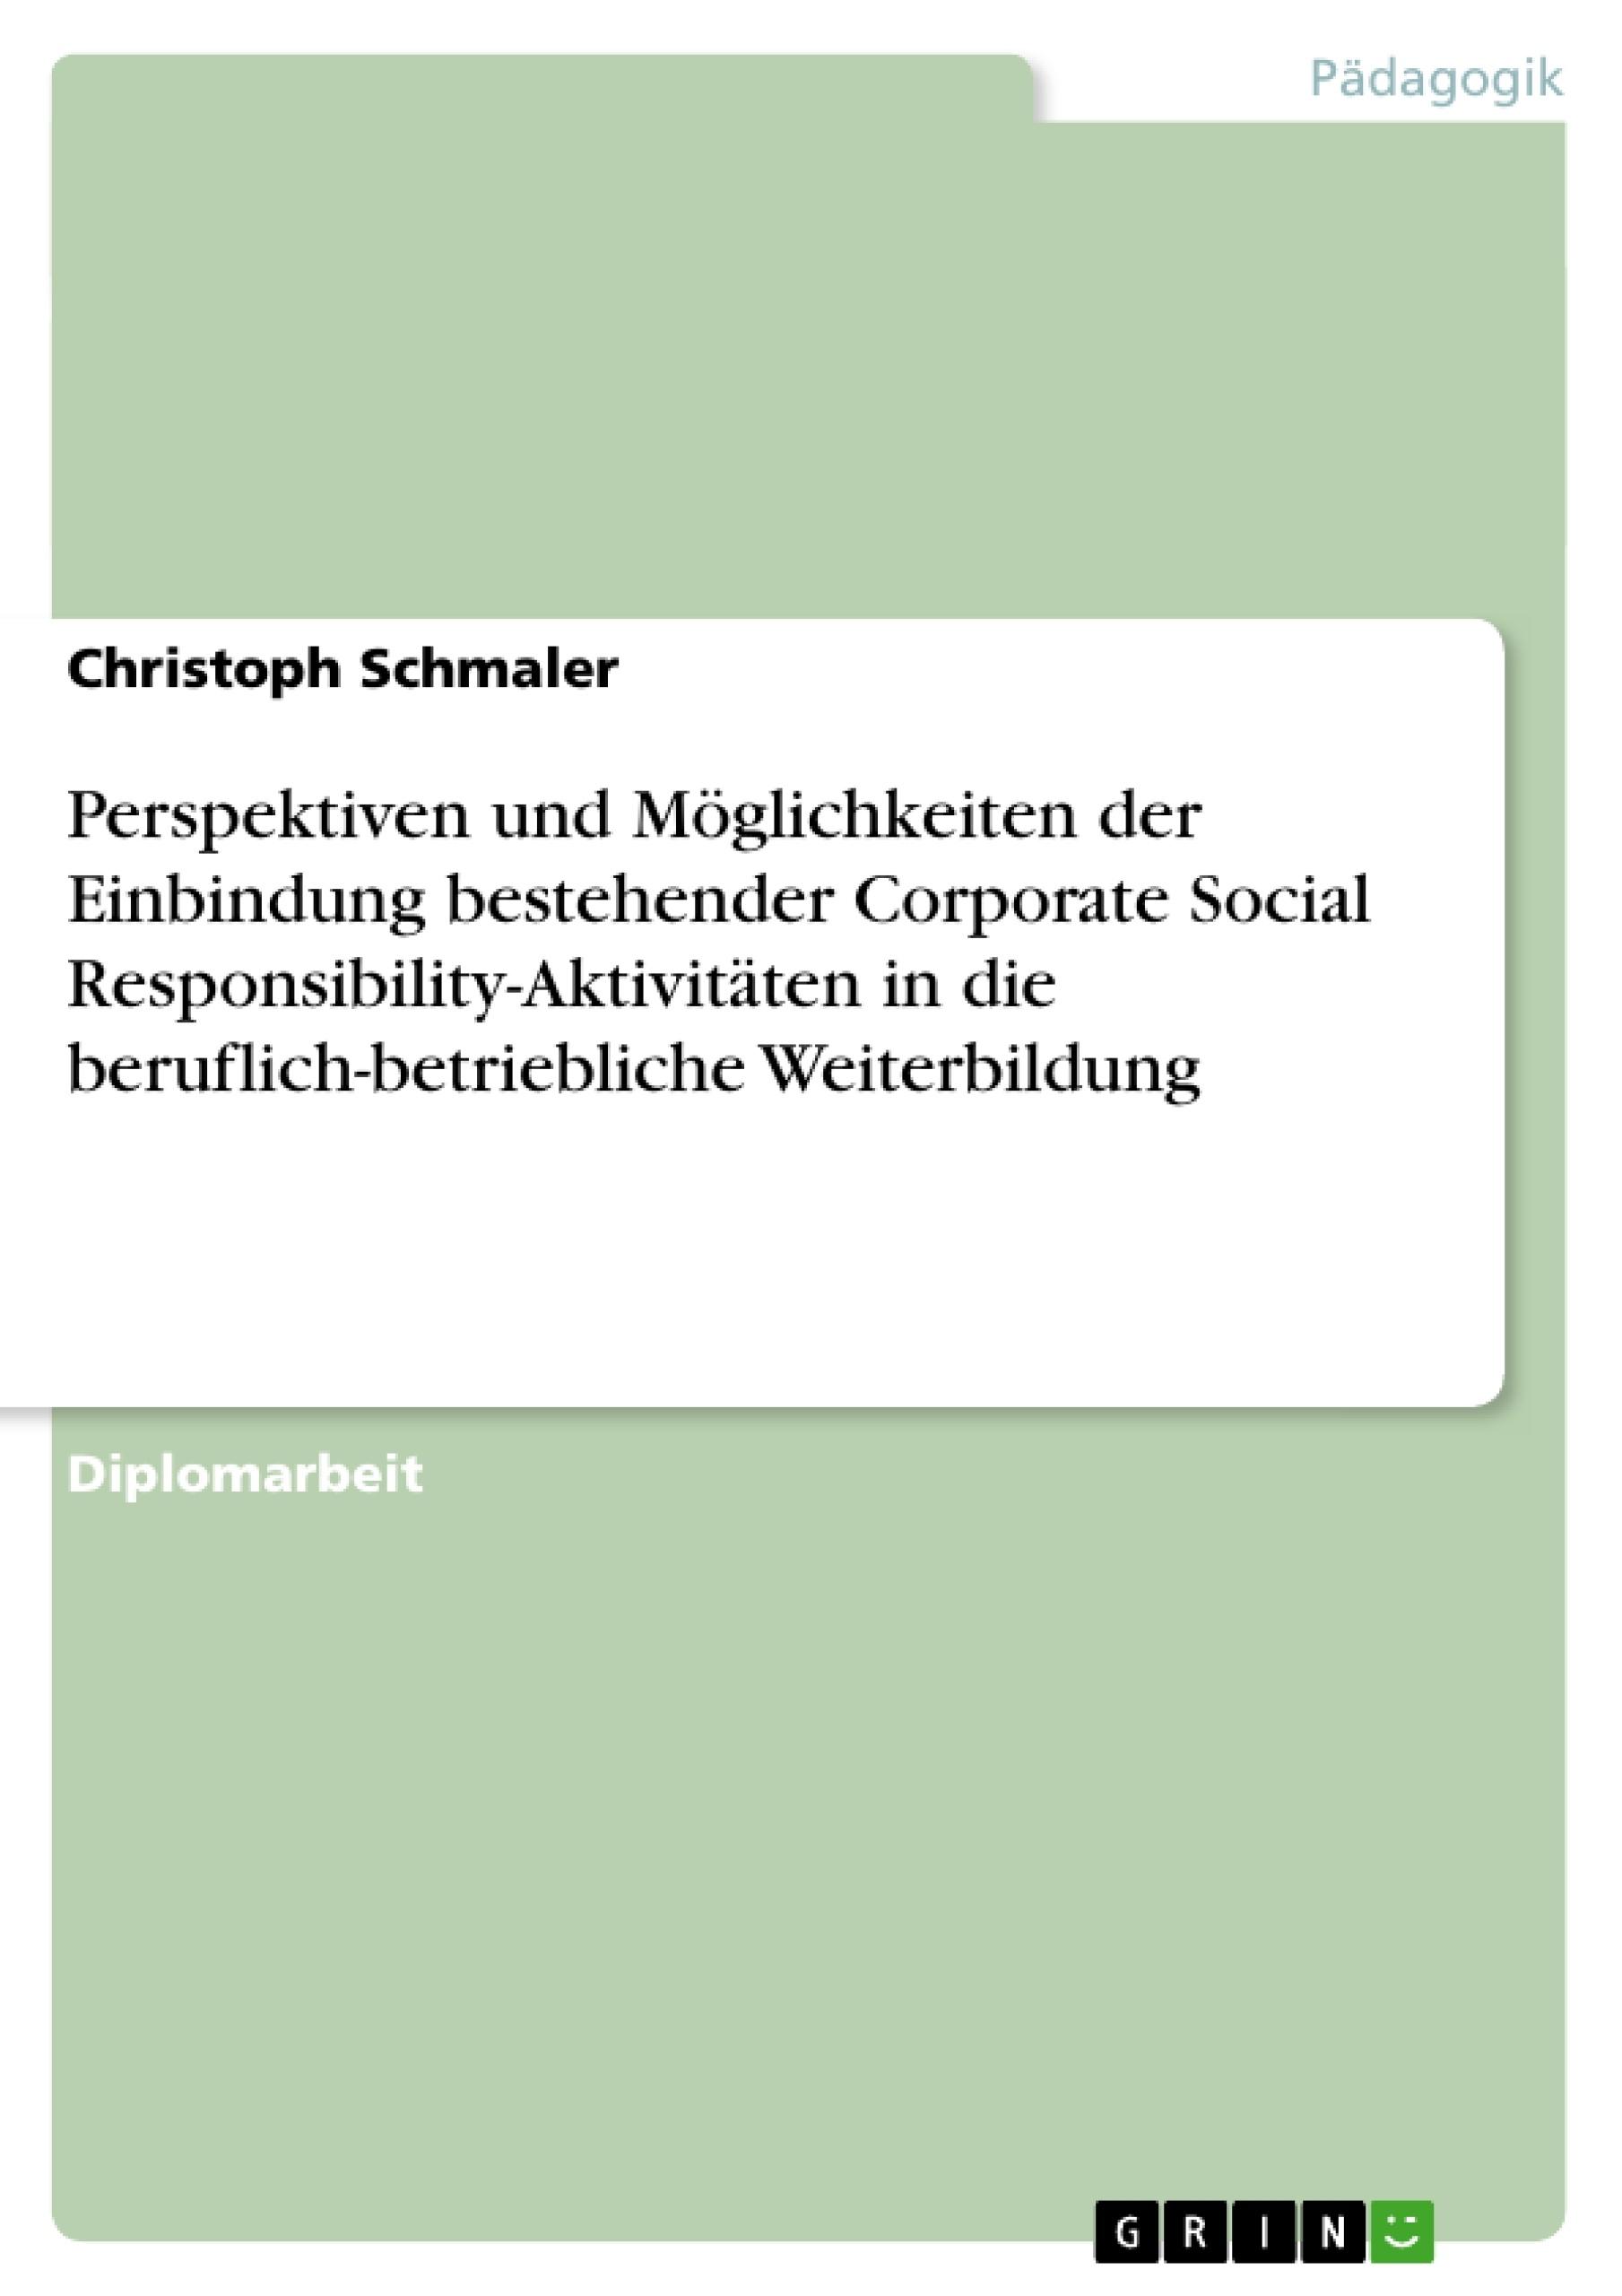 Titel: Perspektiven und Möglichkeiten der Einbindung bestehender Corporate Social Responsibility-Aktivitäten in die beruflich-betriebliche Weiterbildung